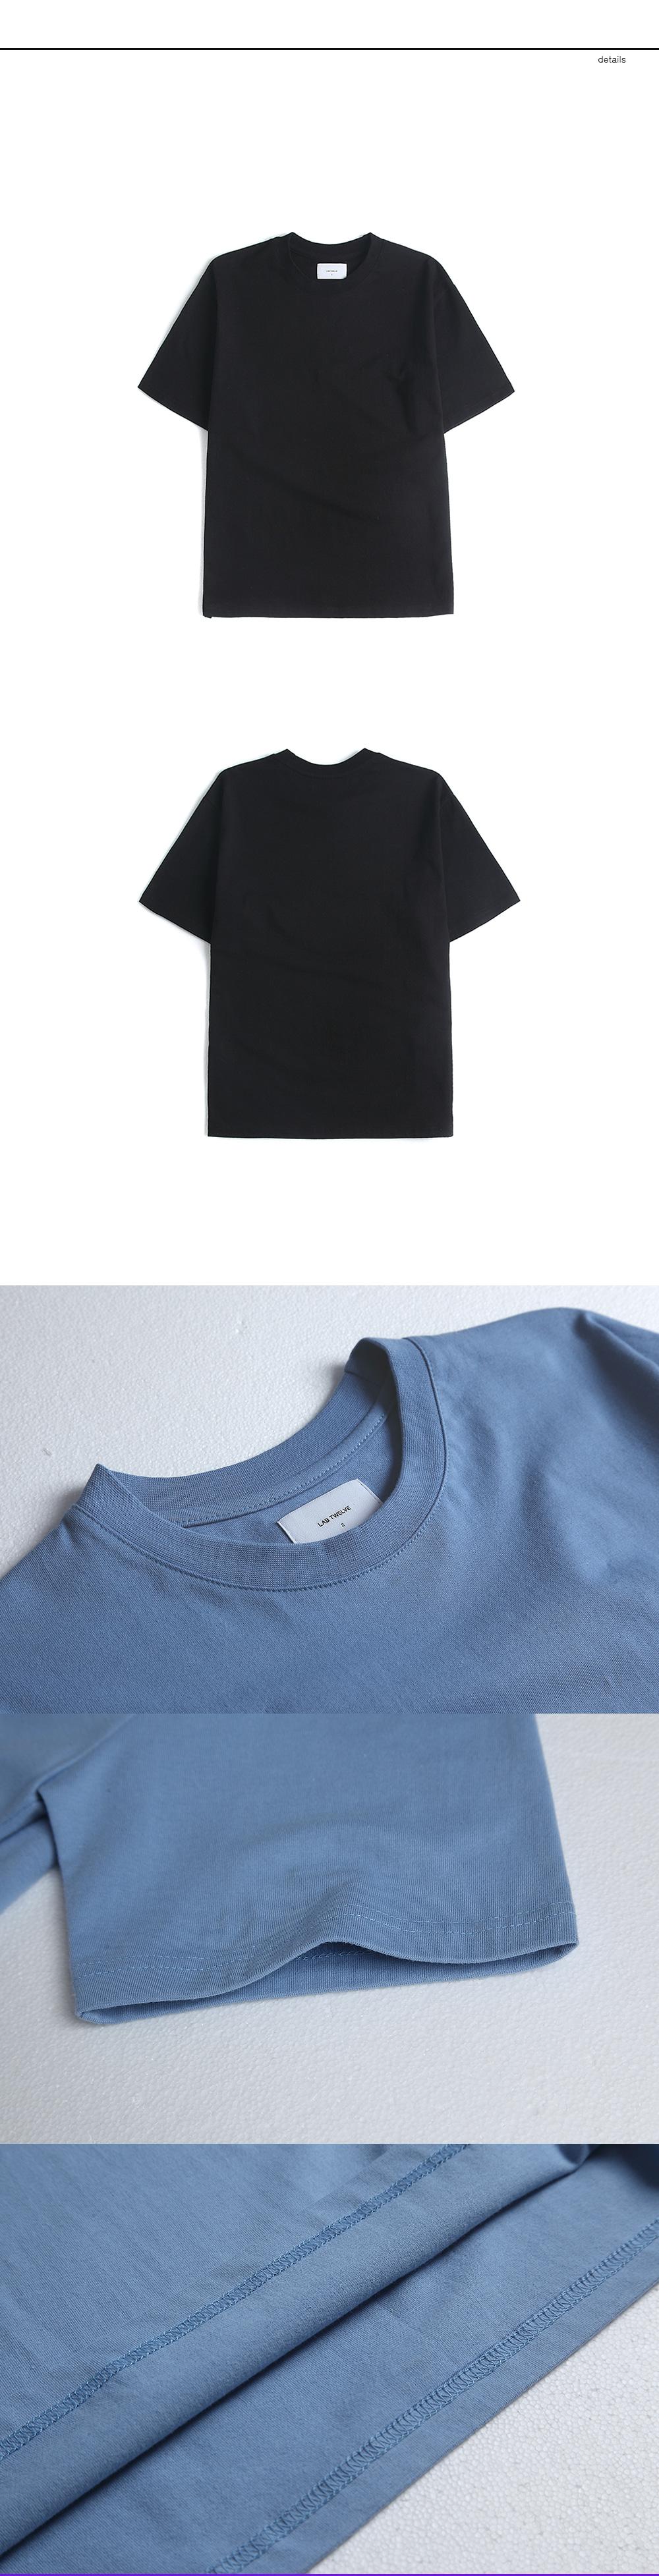 랩12(LAB12) 19S/S 세미 오버핏 티셔츠 (블랙)